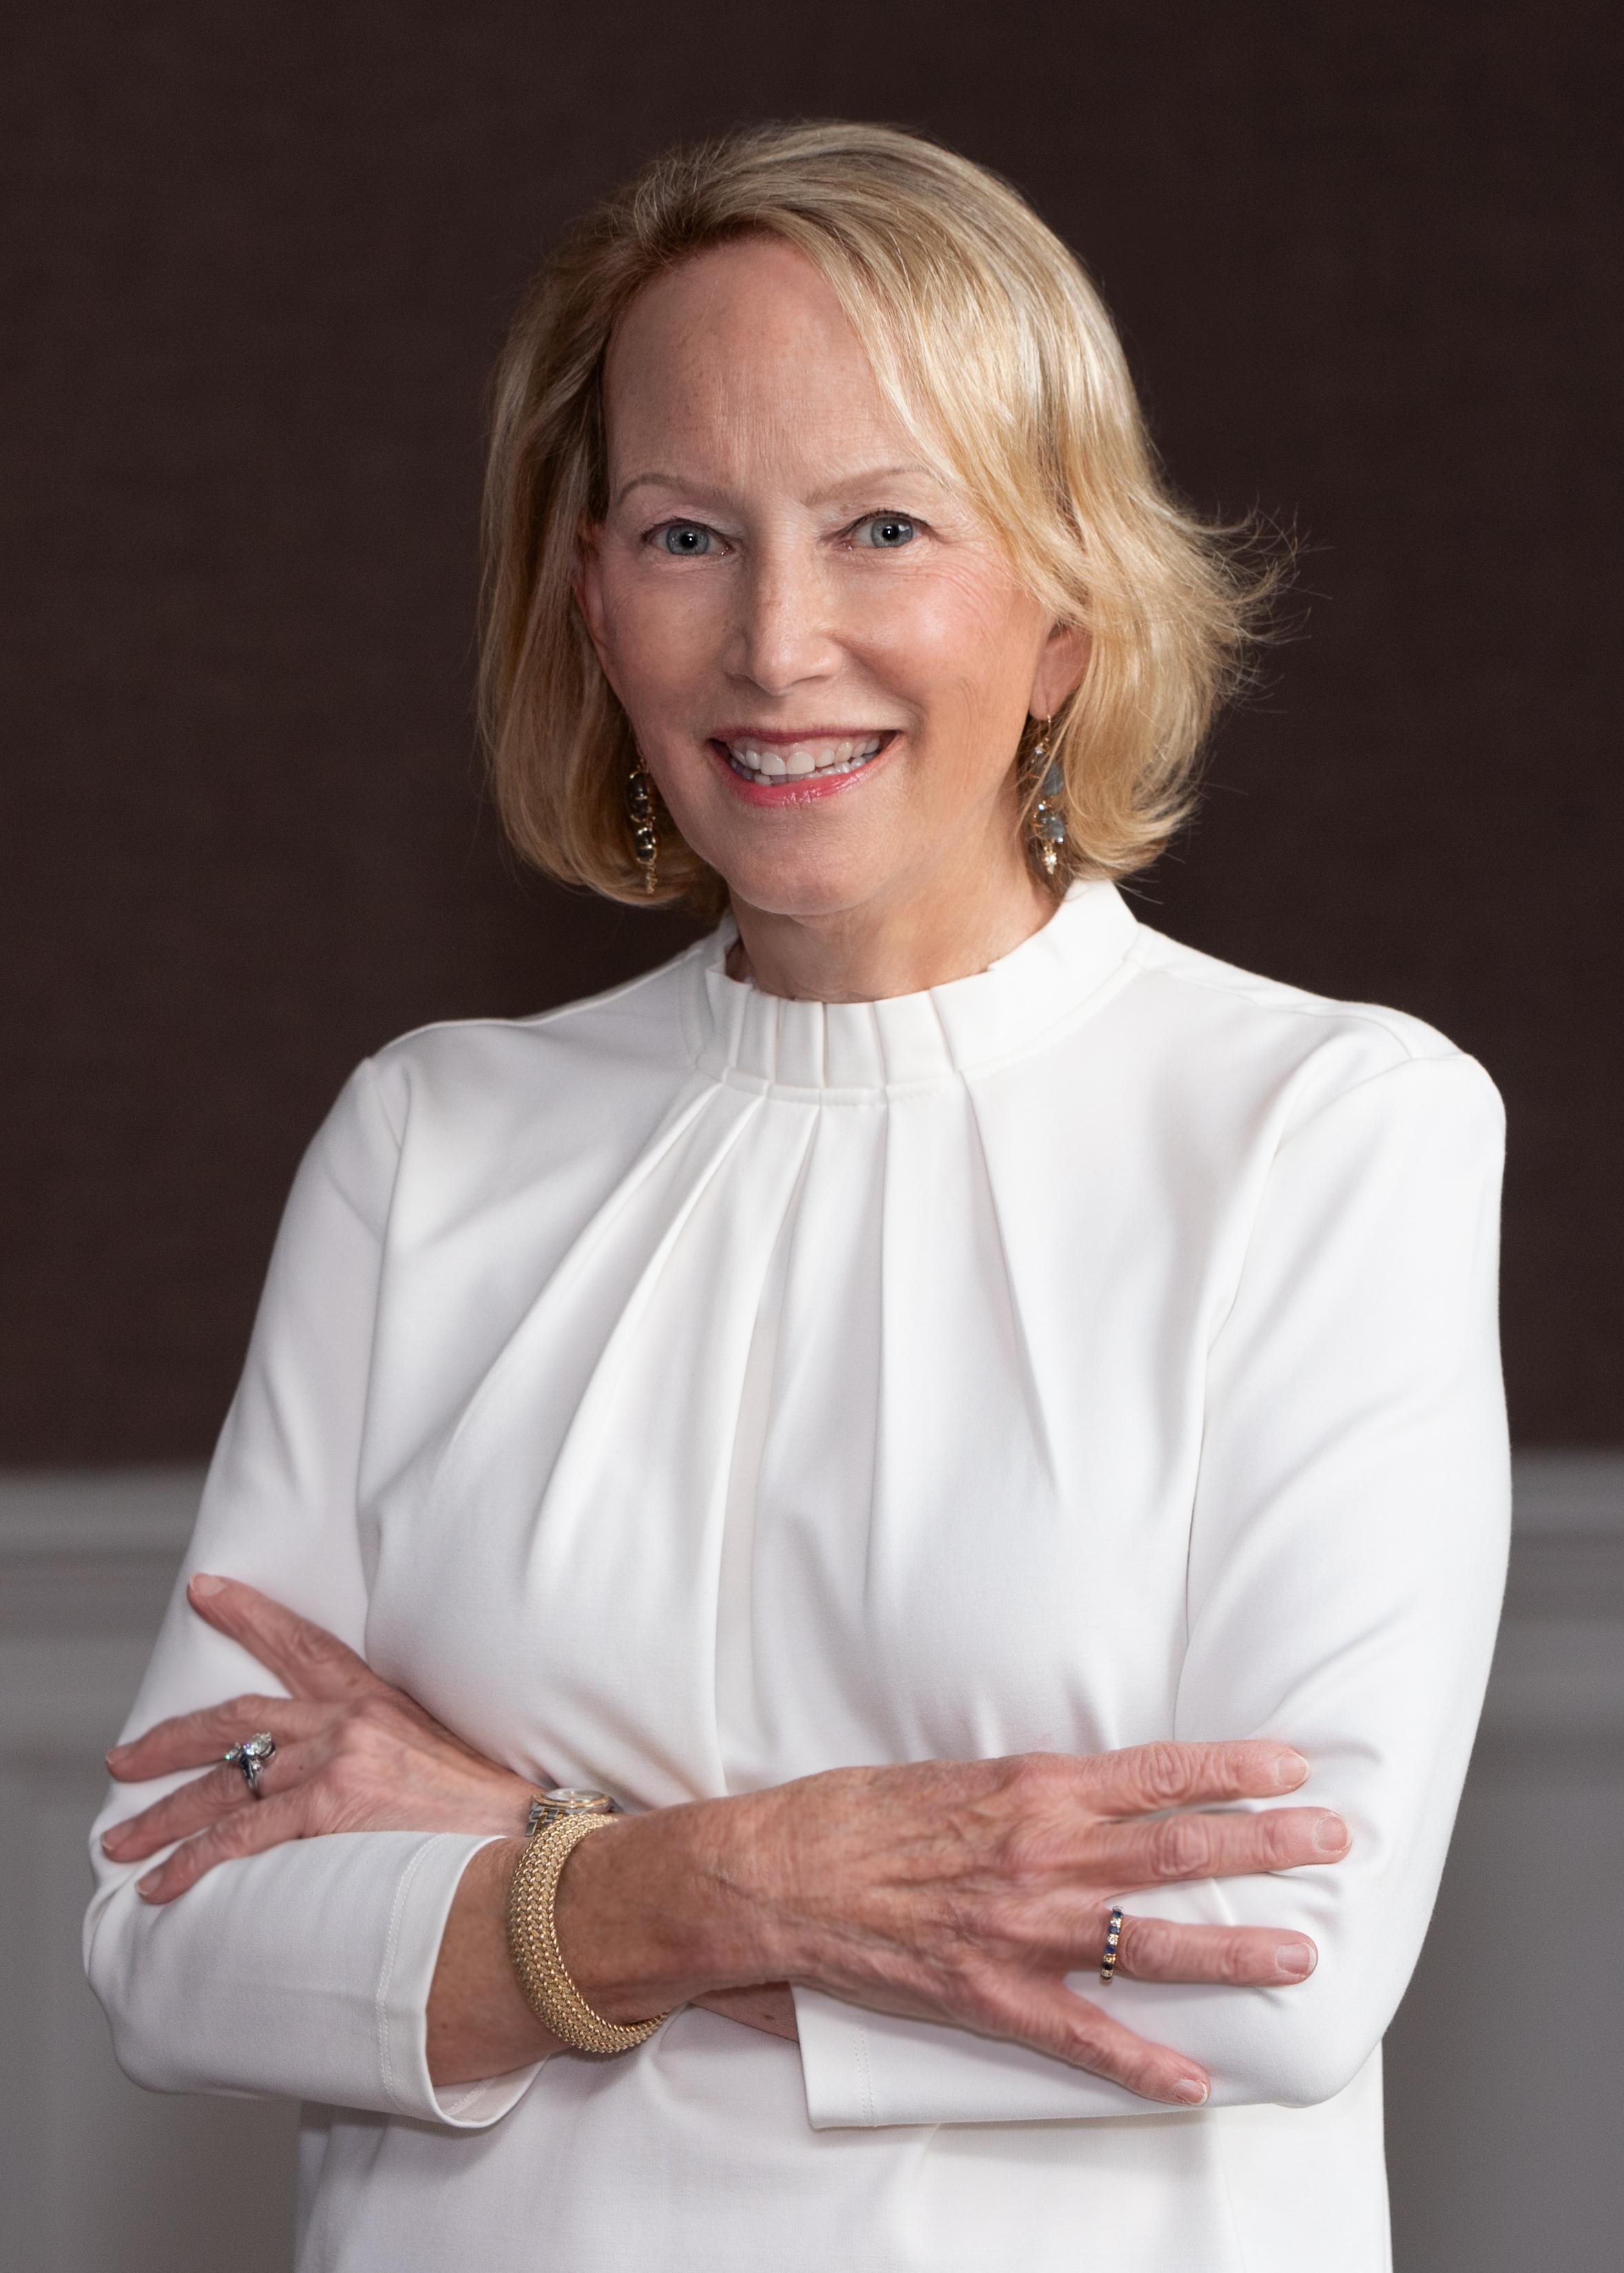 Linda M. Peck